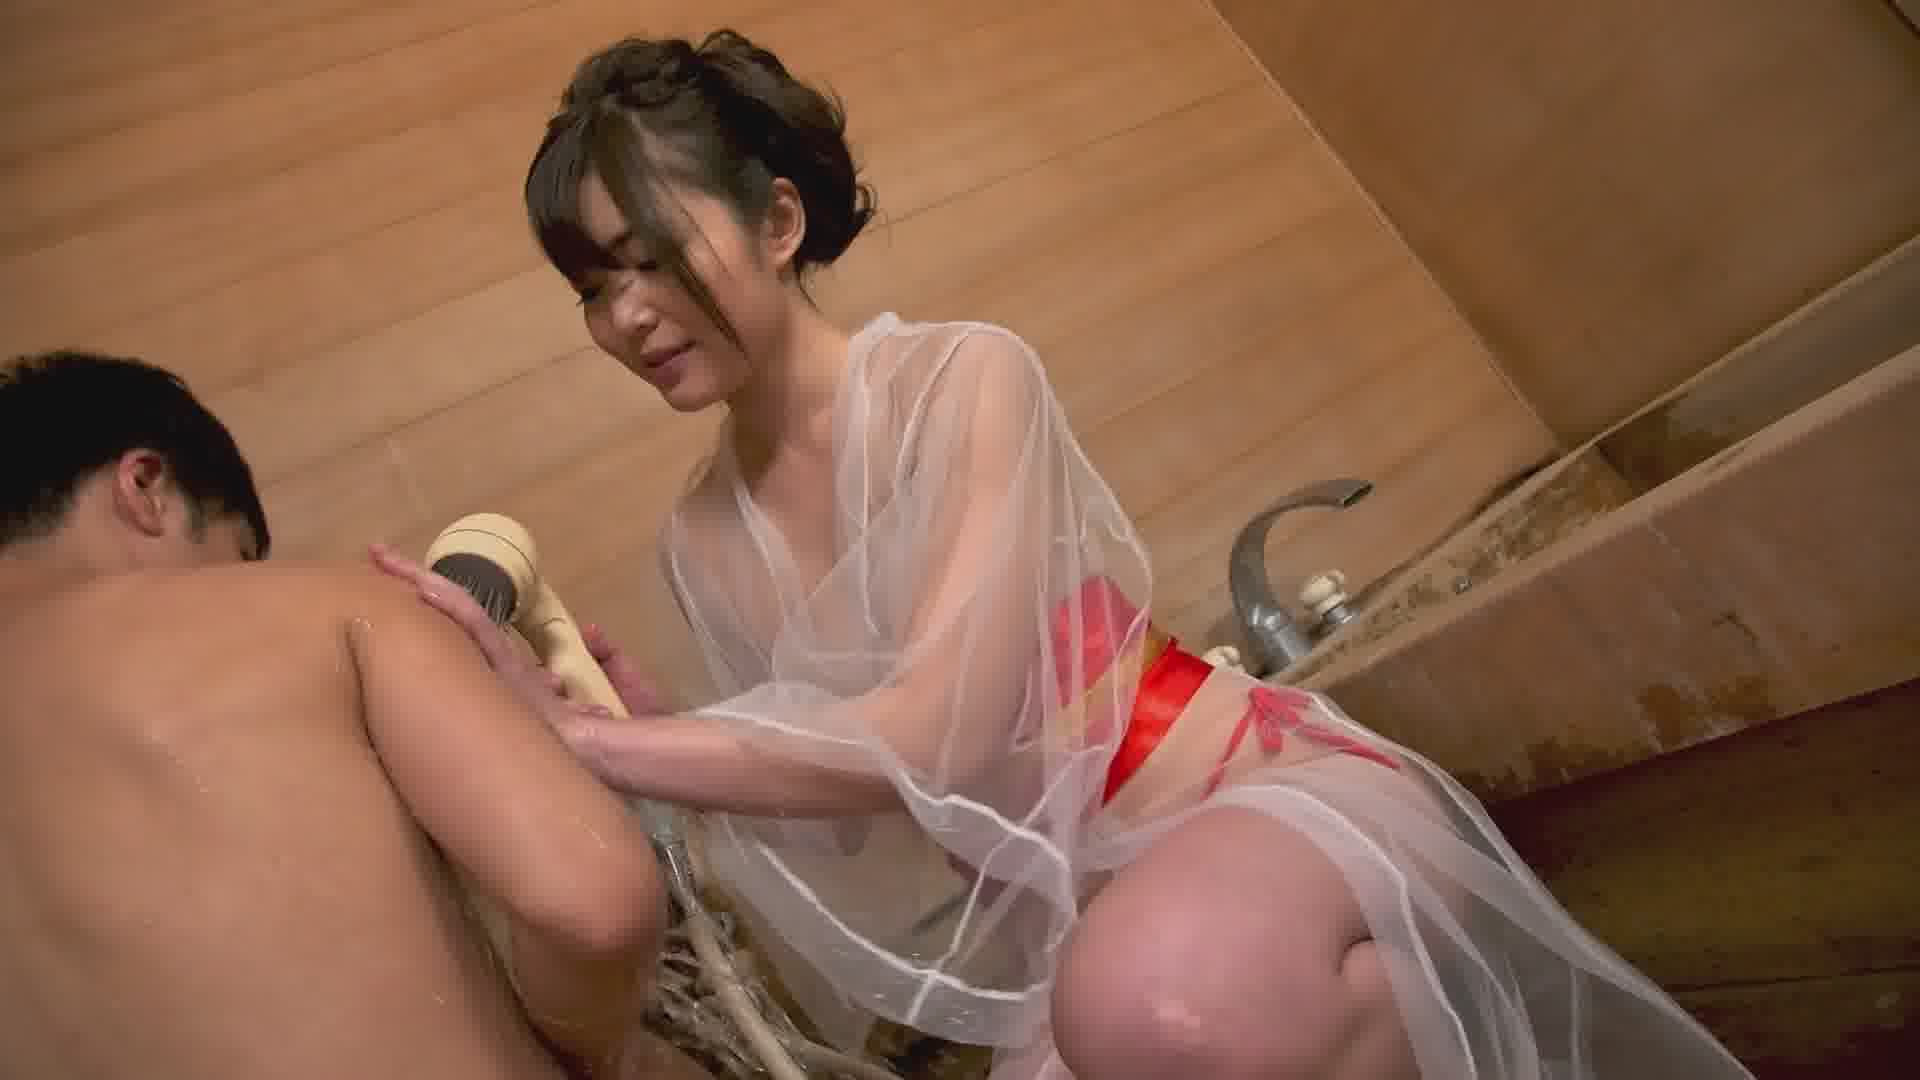 洗練された大人のいやし亭 ~いやらしい舌遣いで舐めさせてくださいませ~ - 碧しの【痴女・浴衣・スレンダー】